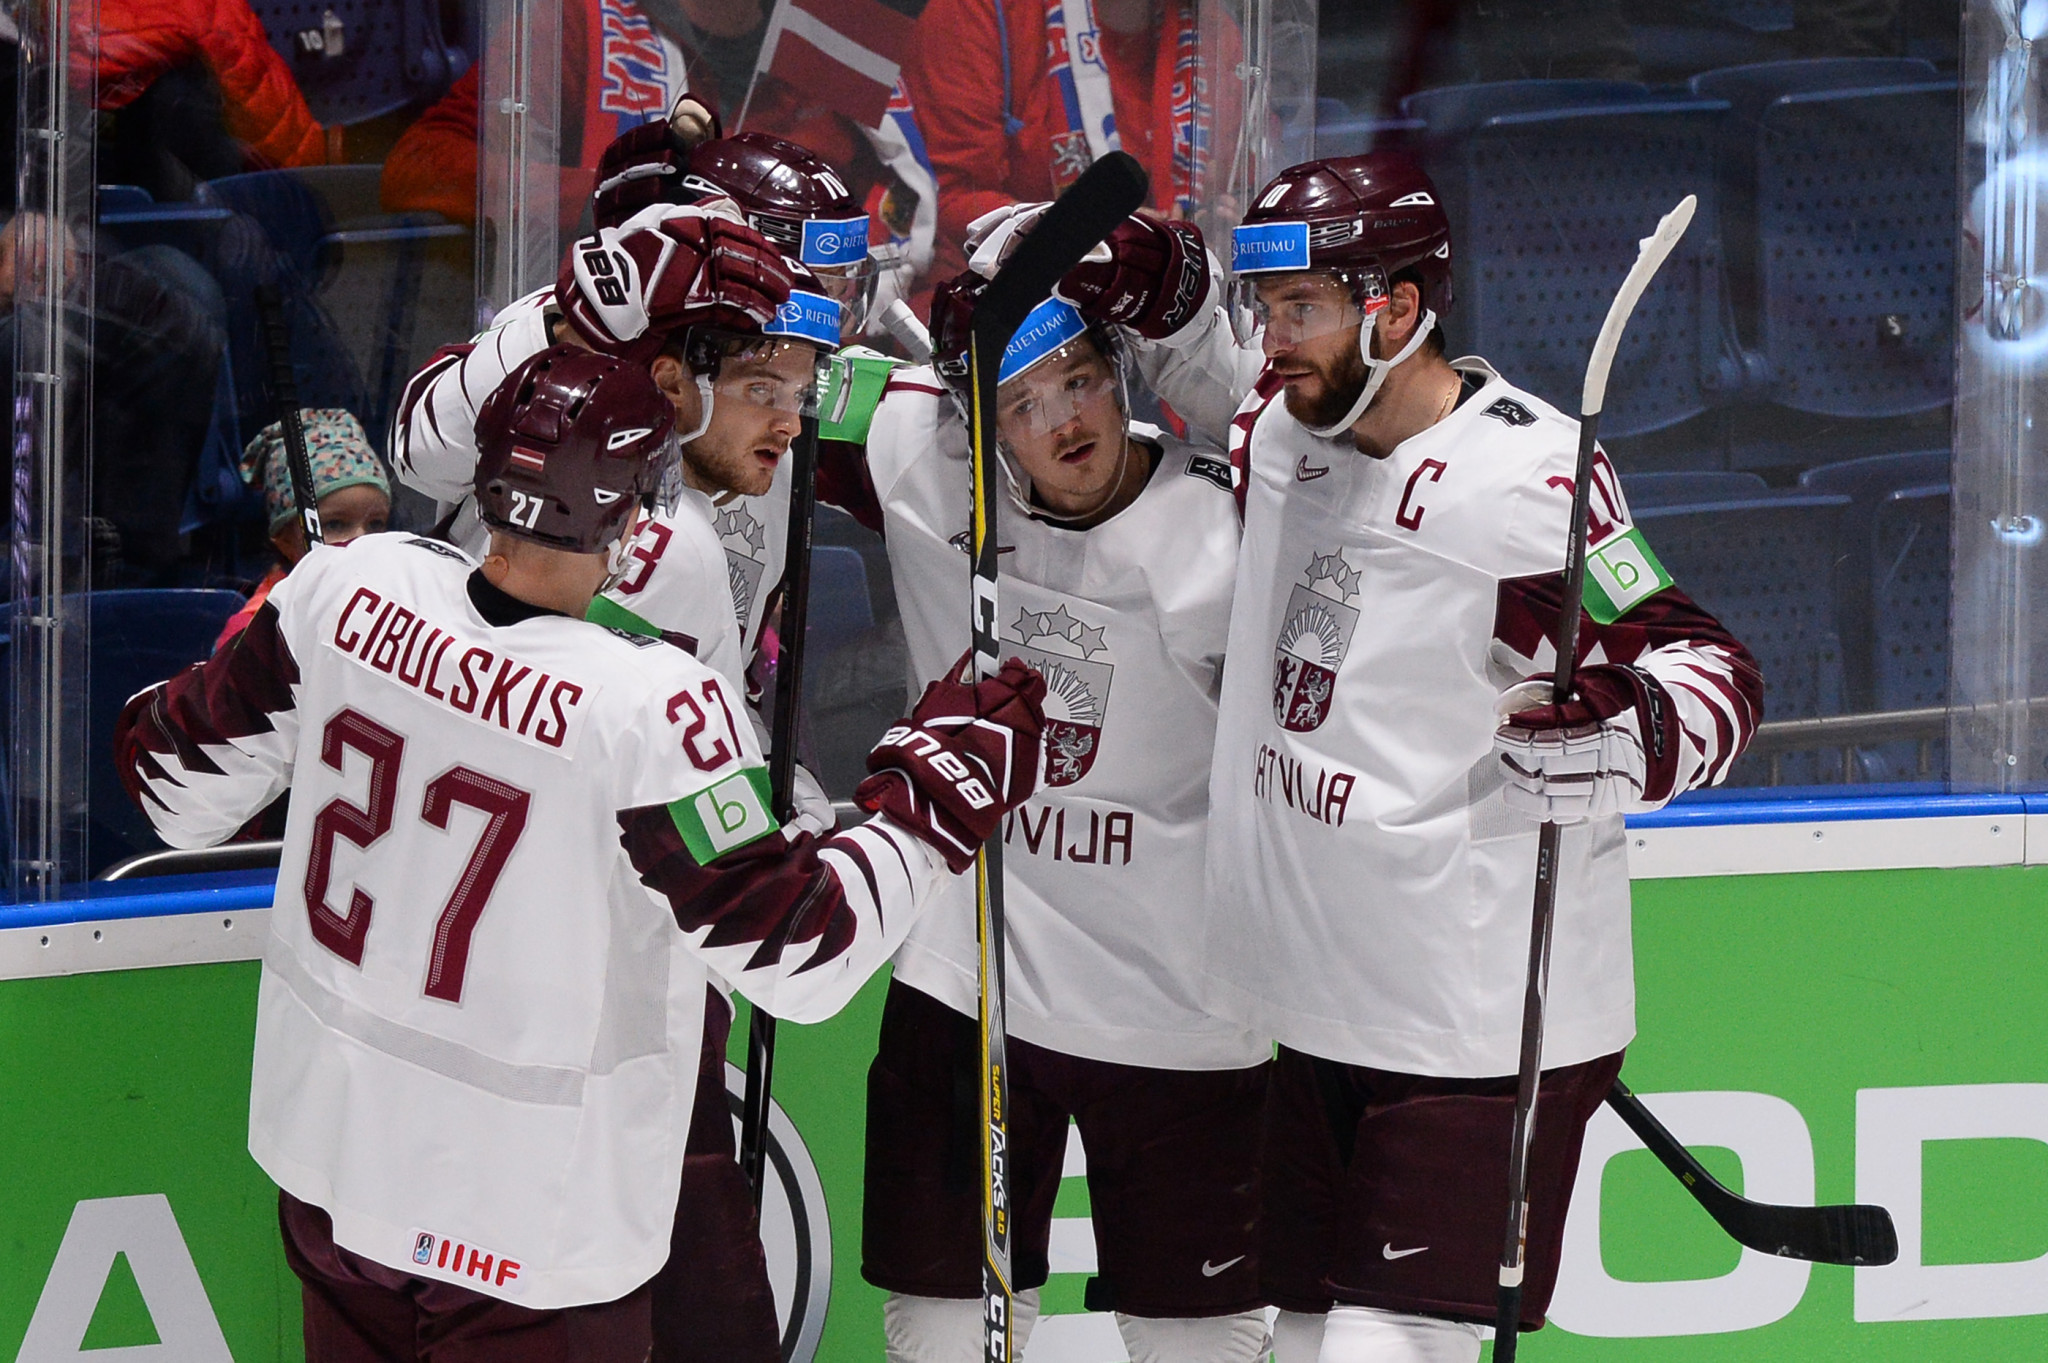 Tiek ziņots, ka lēmumu nākamajā nedēļā pieņems IIHF © Getty Images